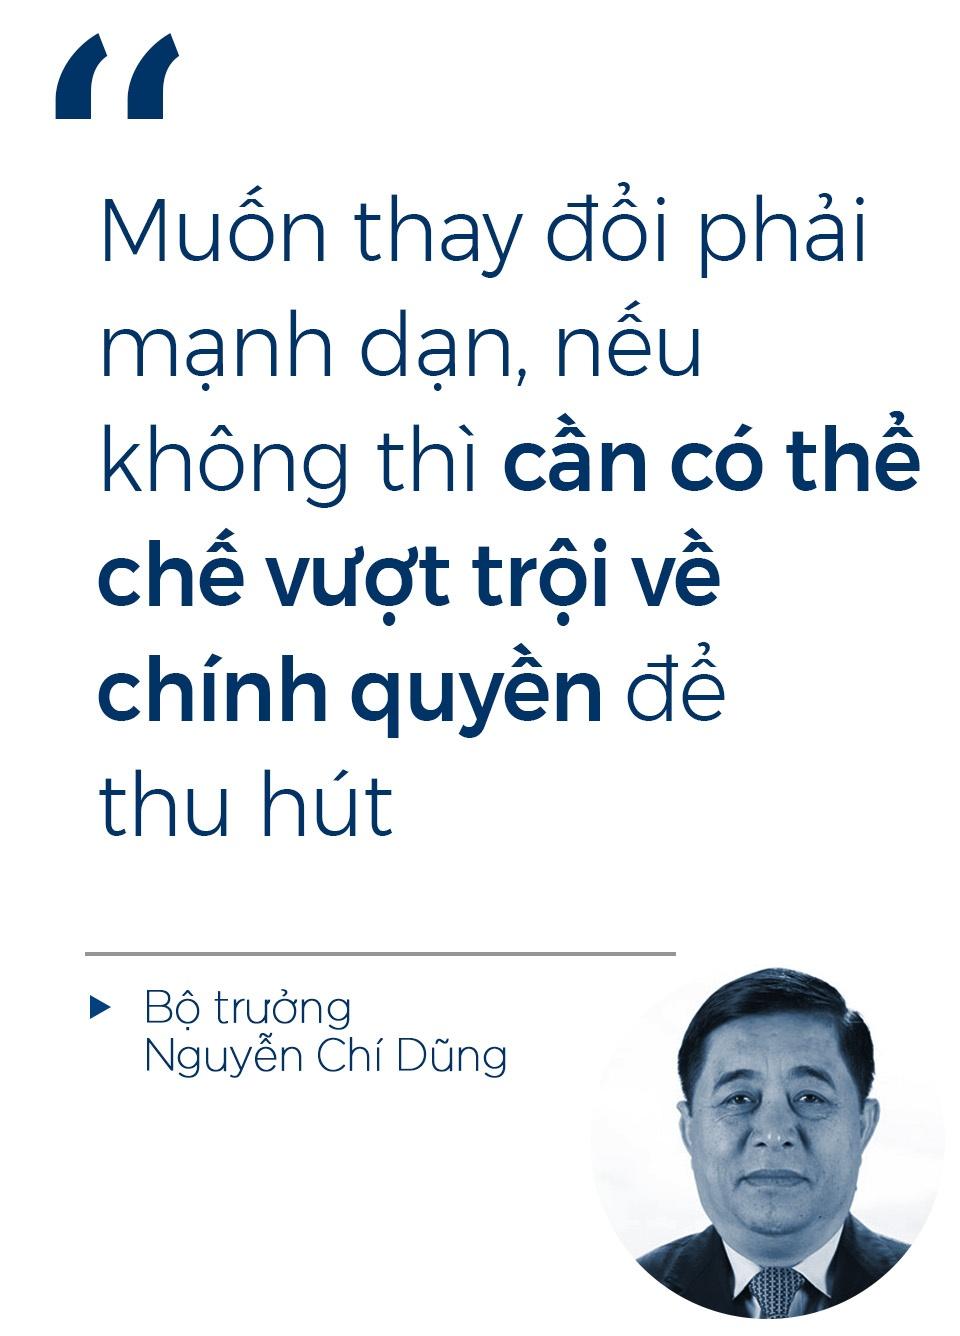 Dac khu kinh te: Phong thi nghiem cua cai cach the che va chinh sach anh 9